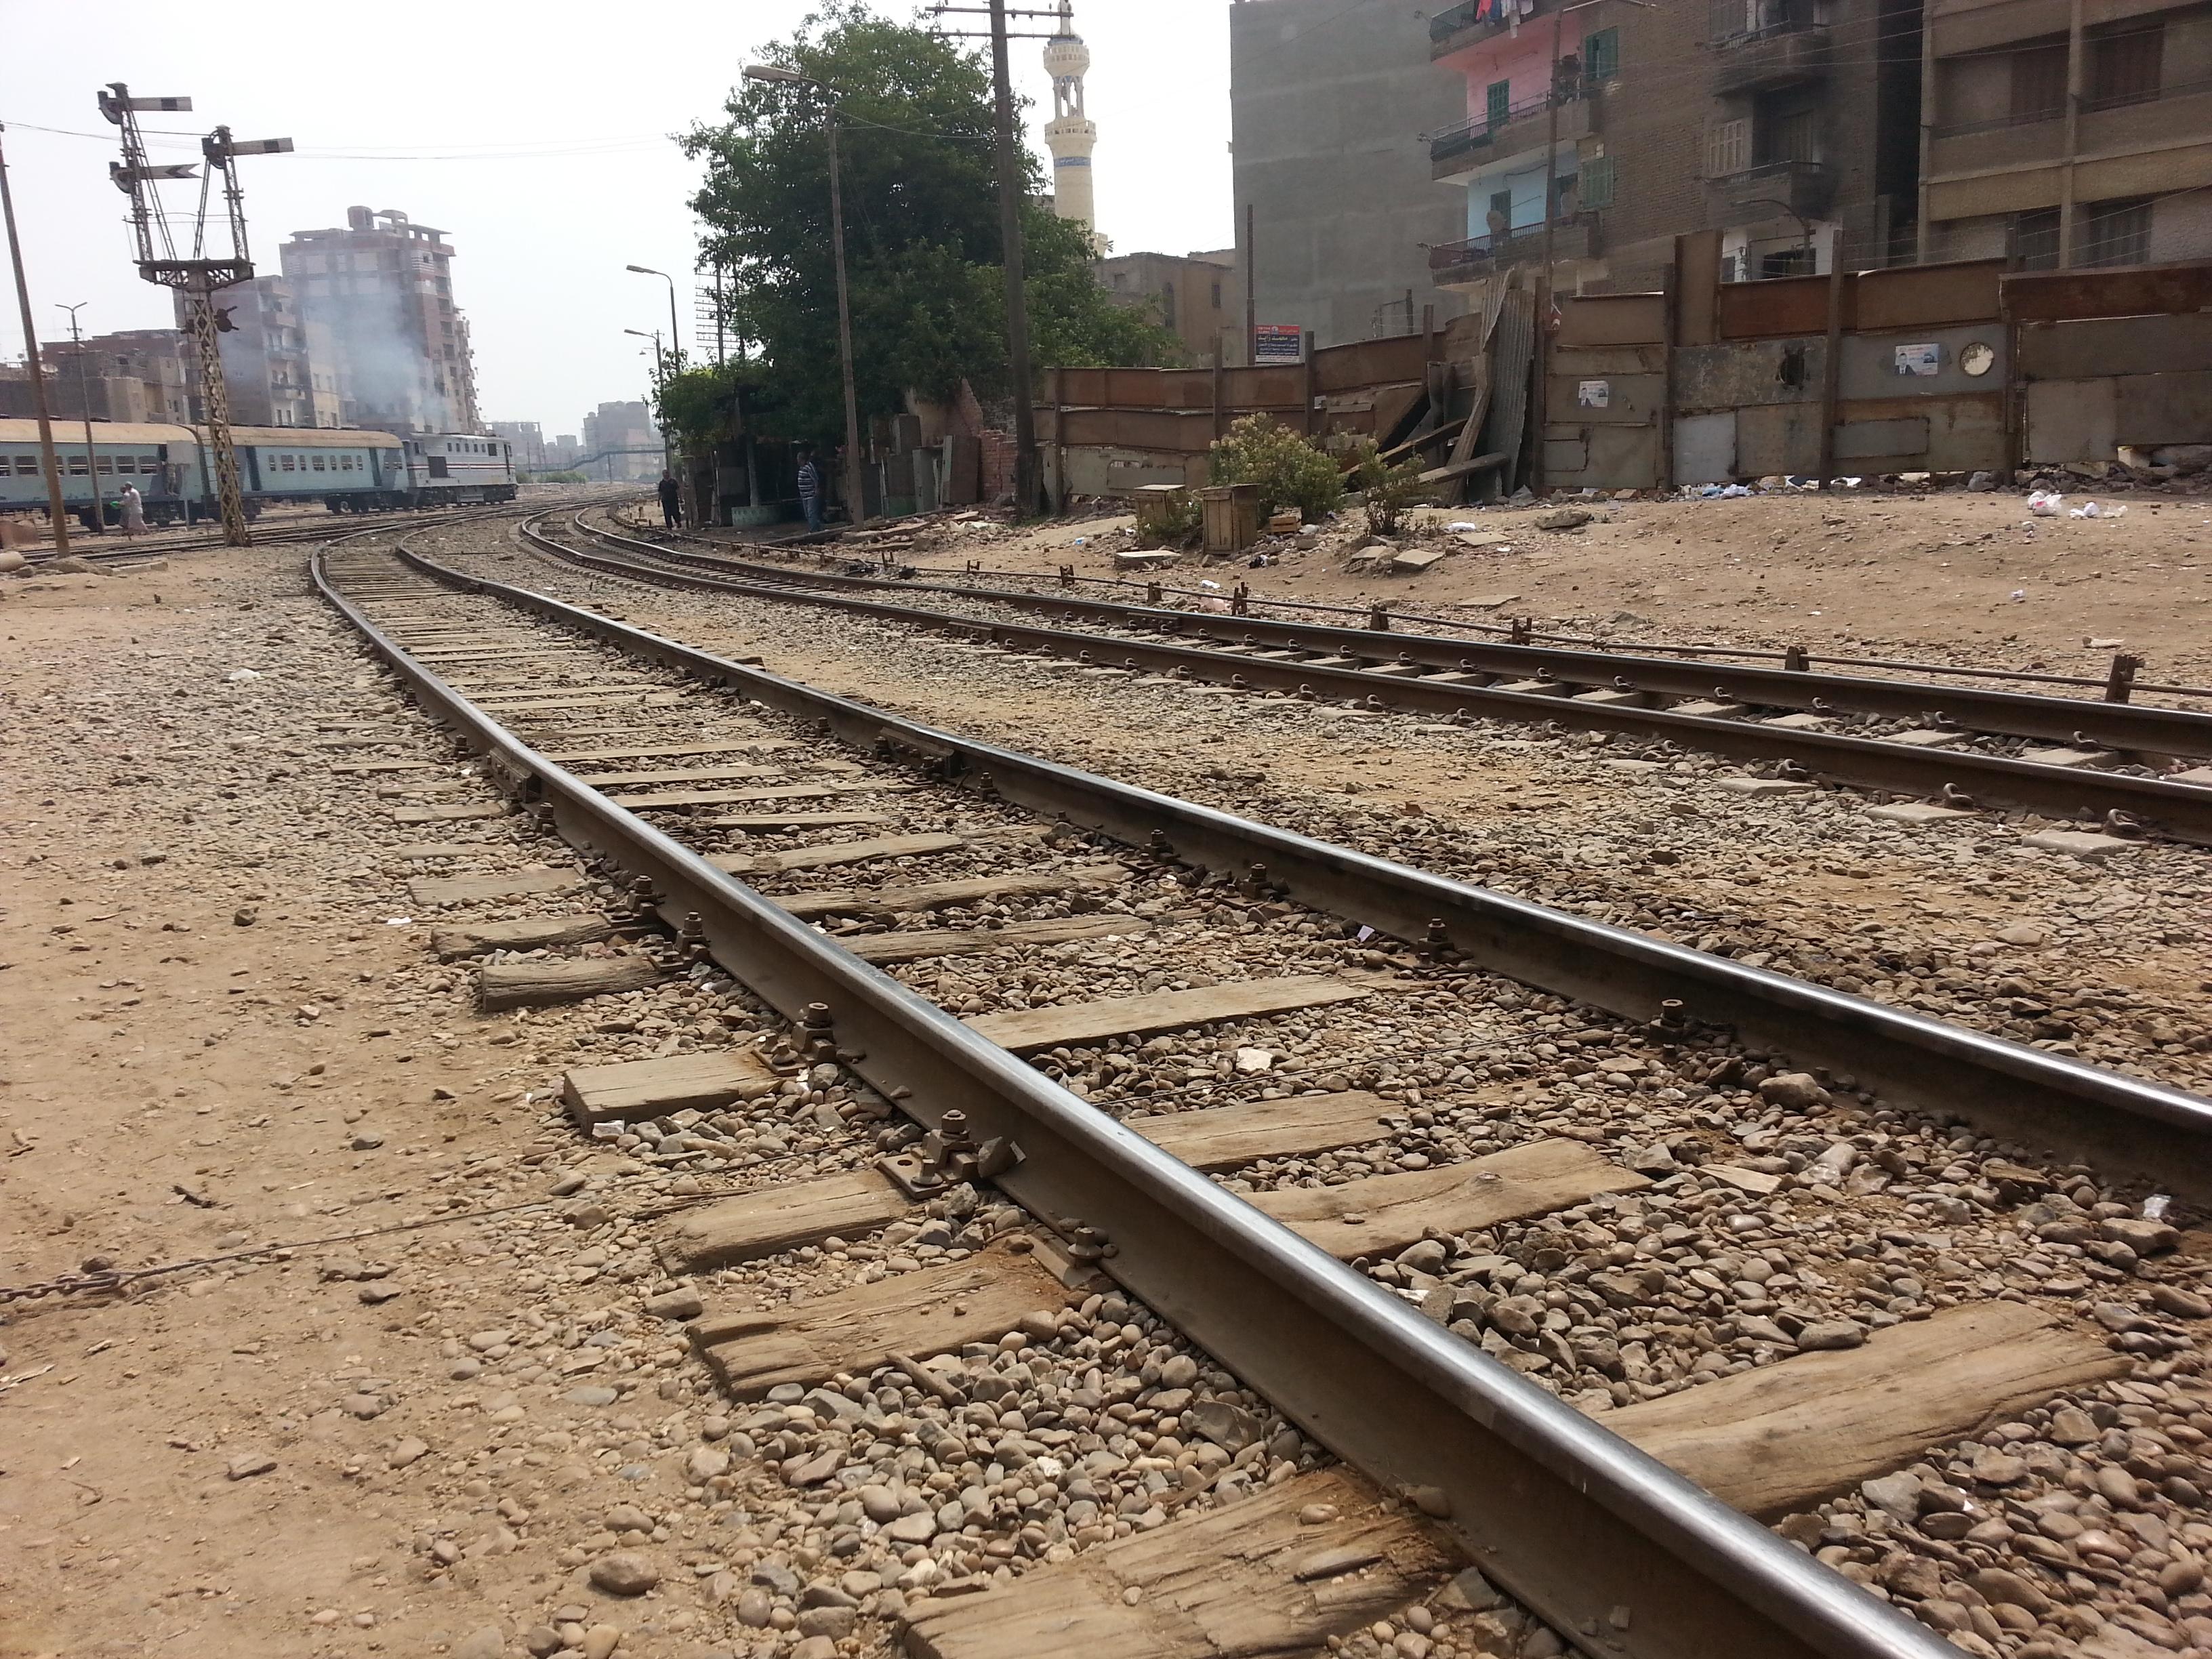 مواعيد قطارات القاهرة دمياط 2018